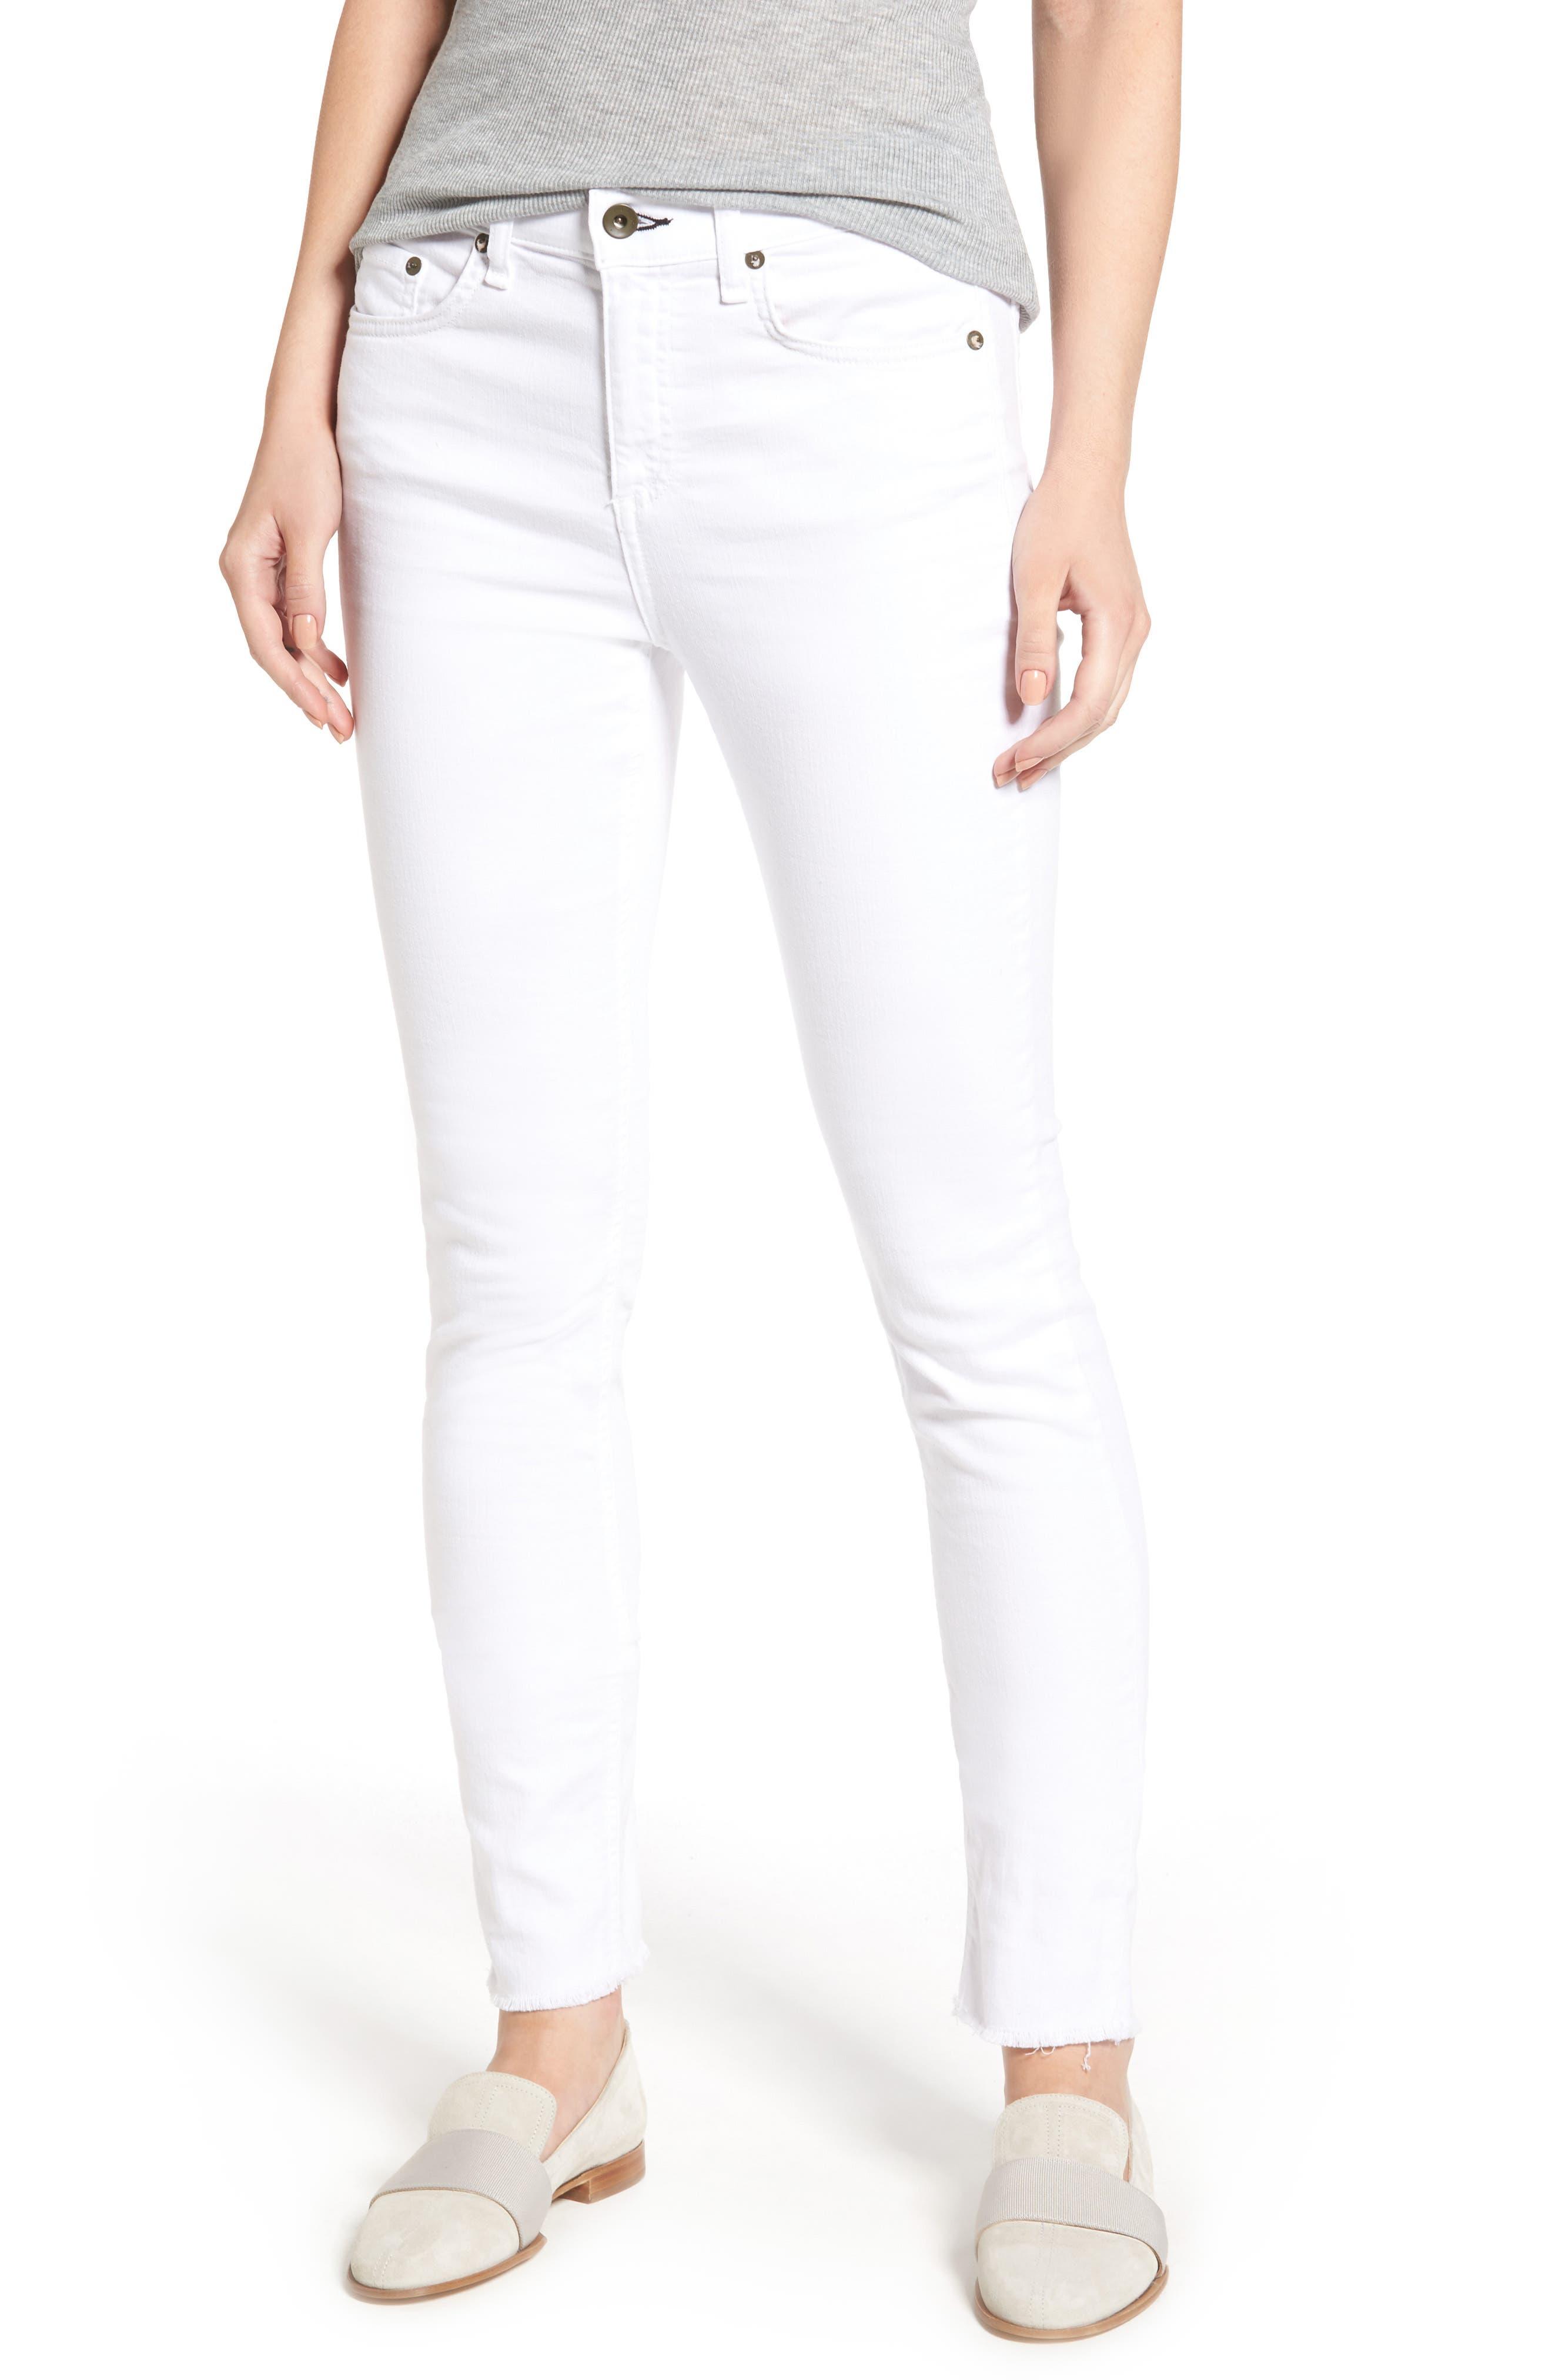 Main Image - rag & bone/JEAN High Waist Step Hem Slim Boyfriend Jeans (Aged Bright White)